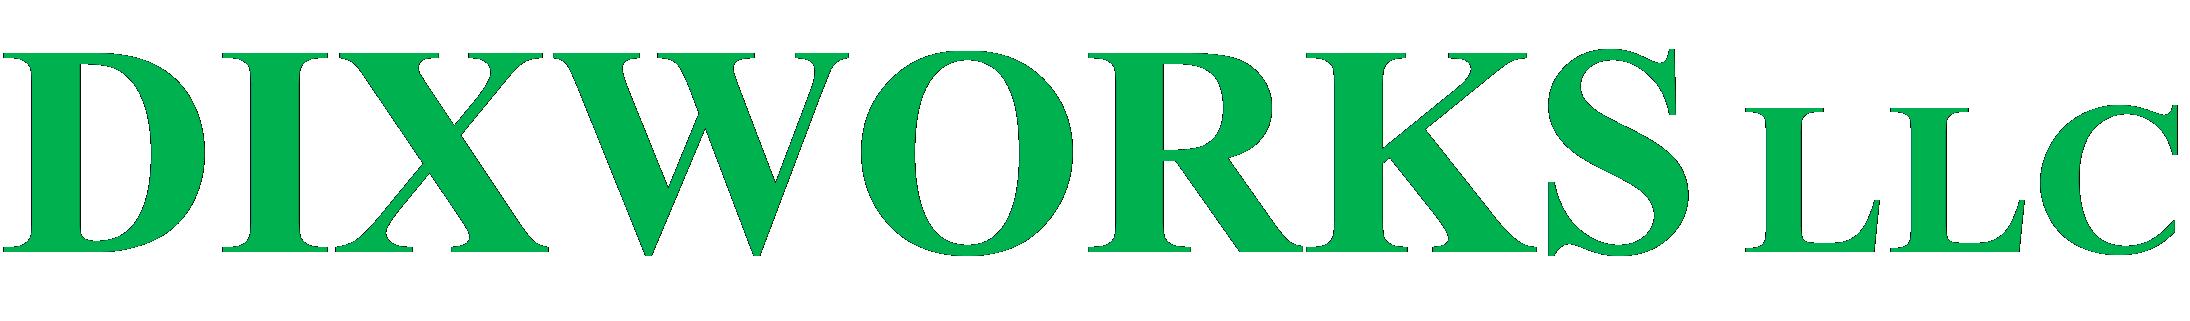 DIXWORKS, LLC